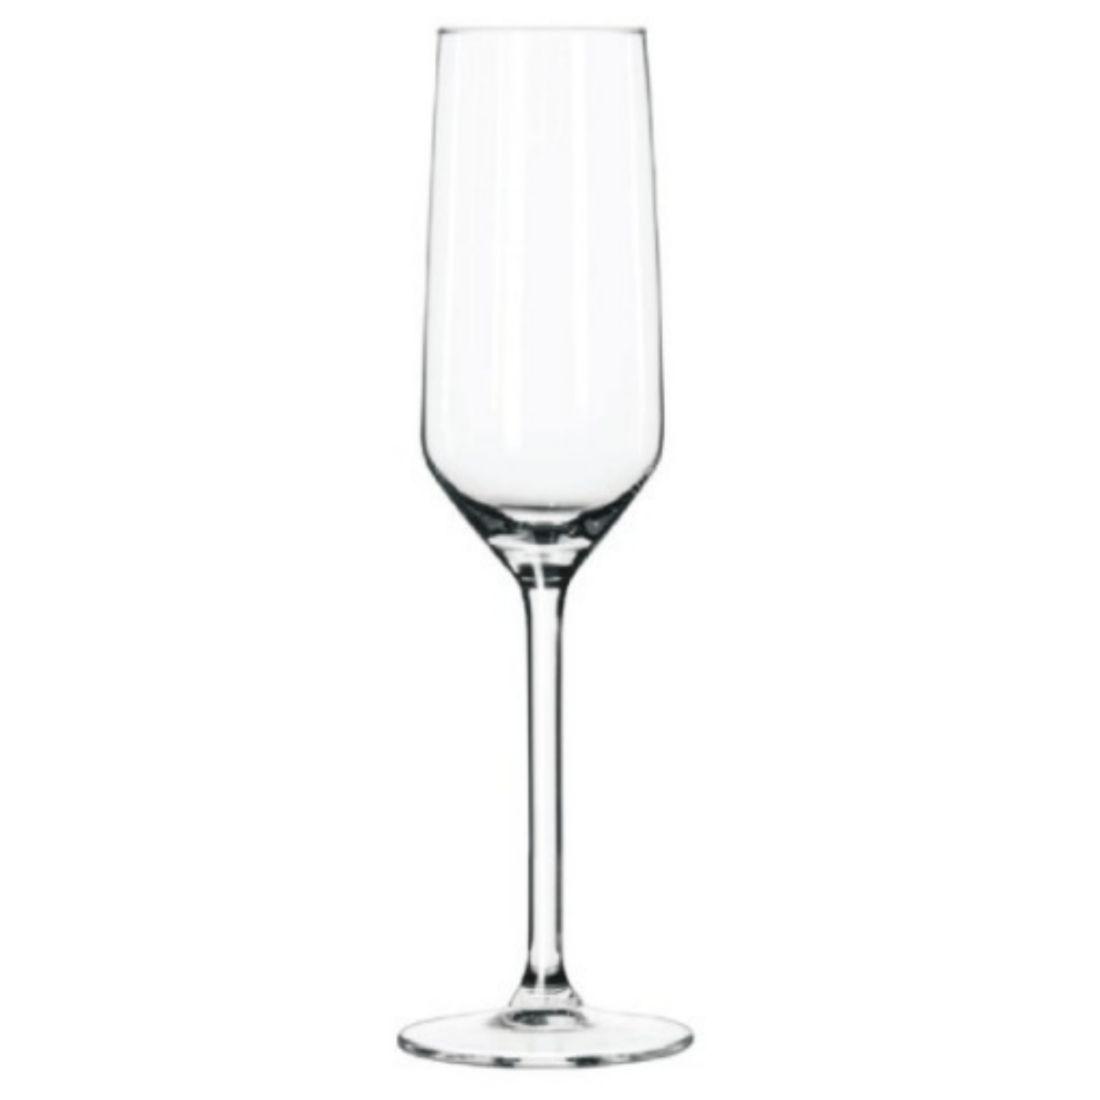 Carré sklenička na šampaňské 22 cl